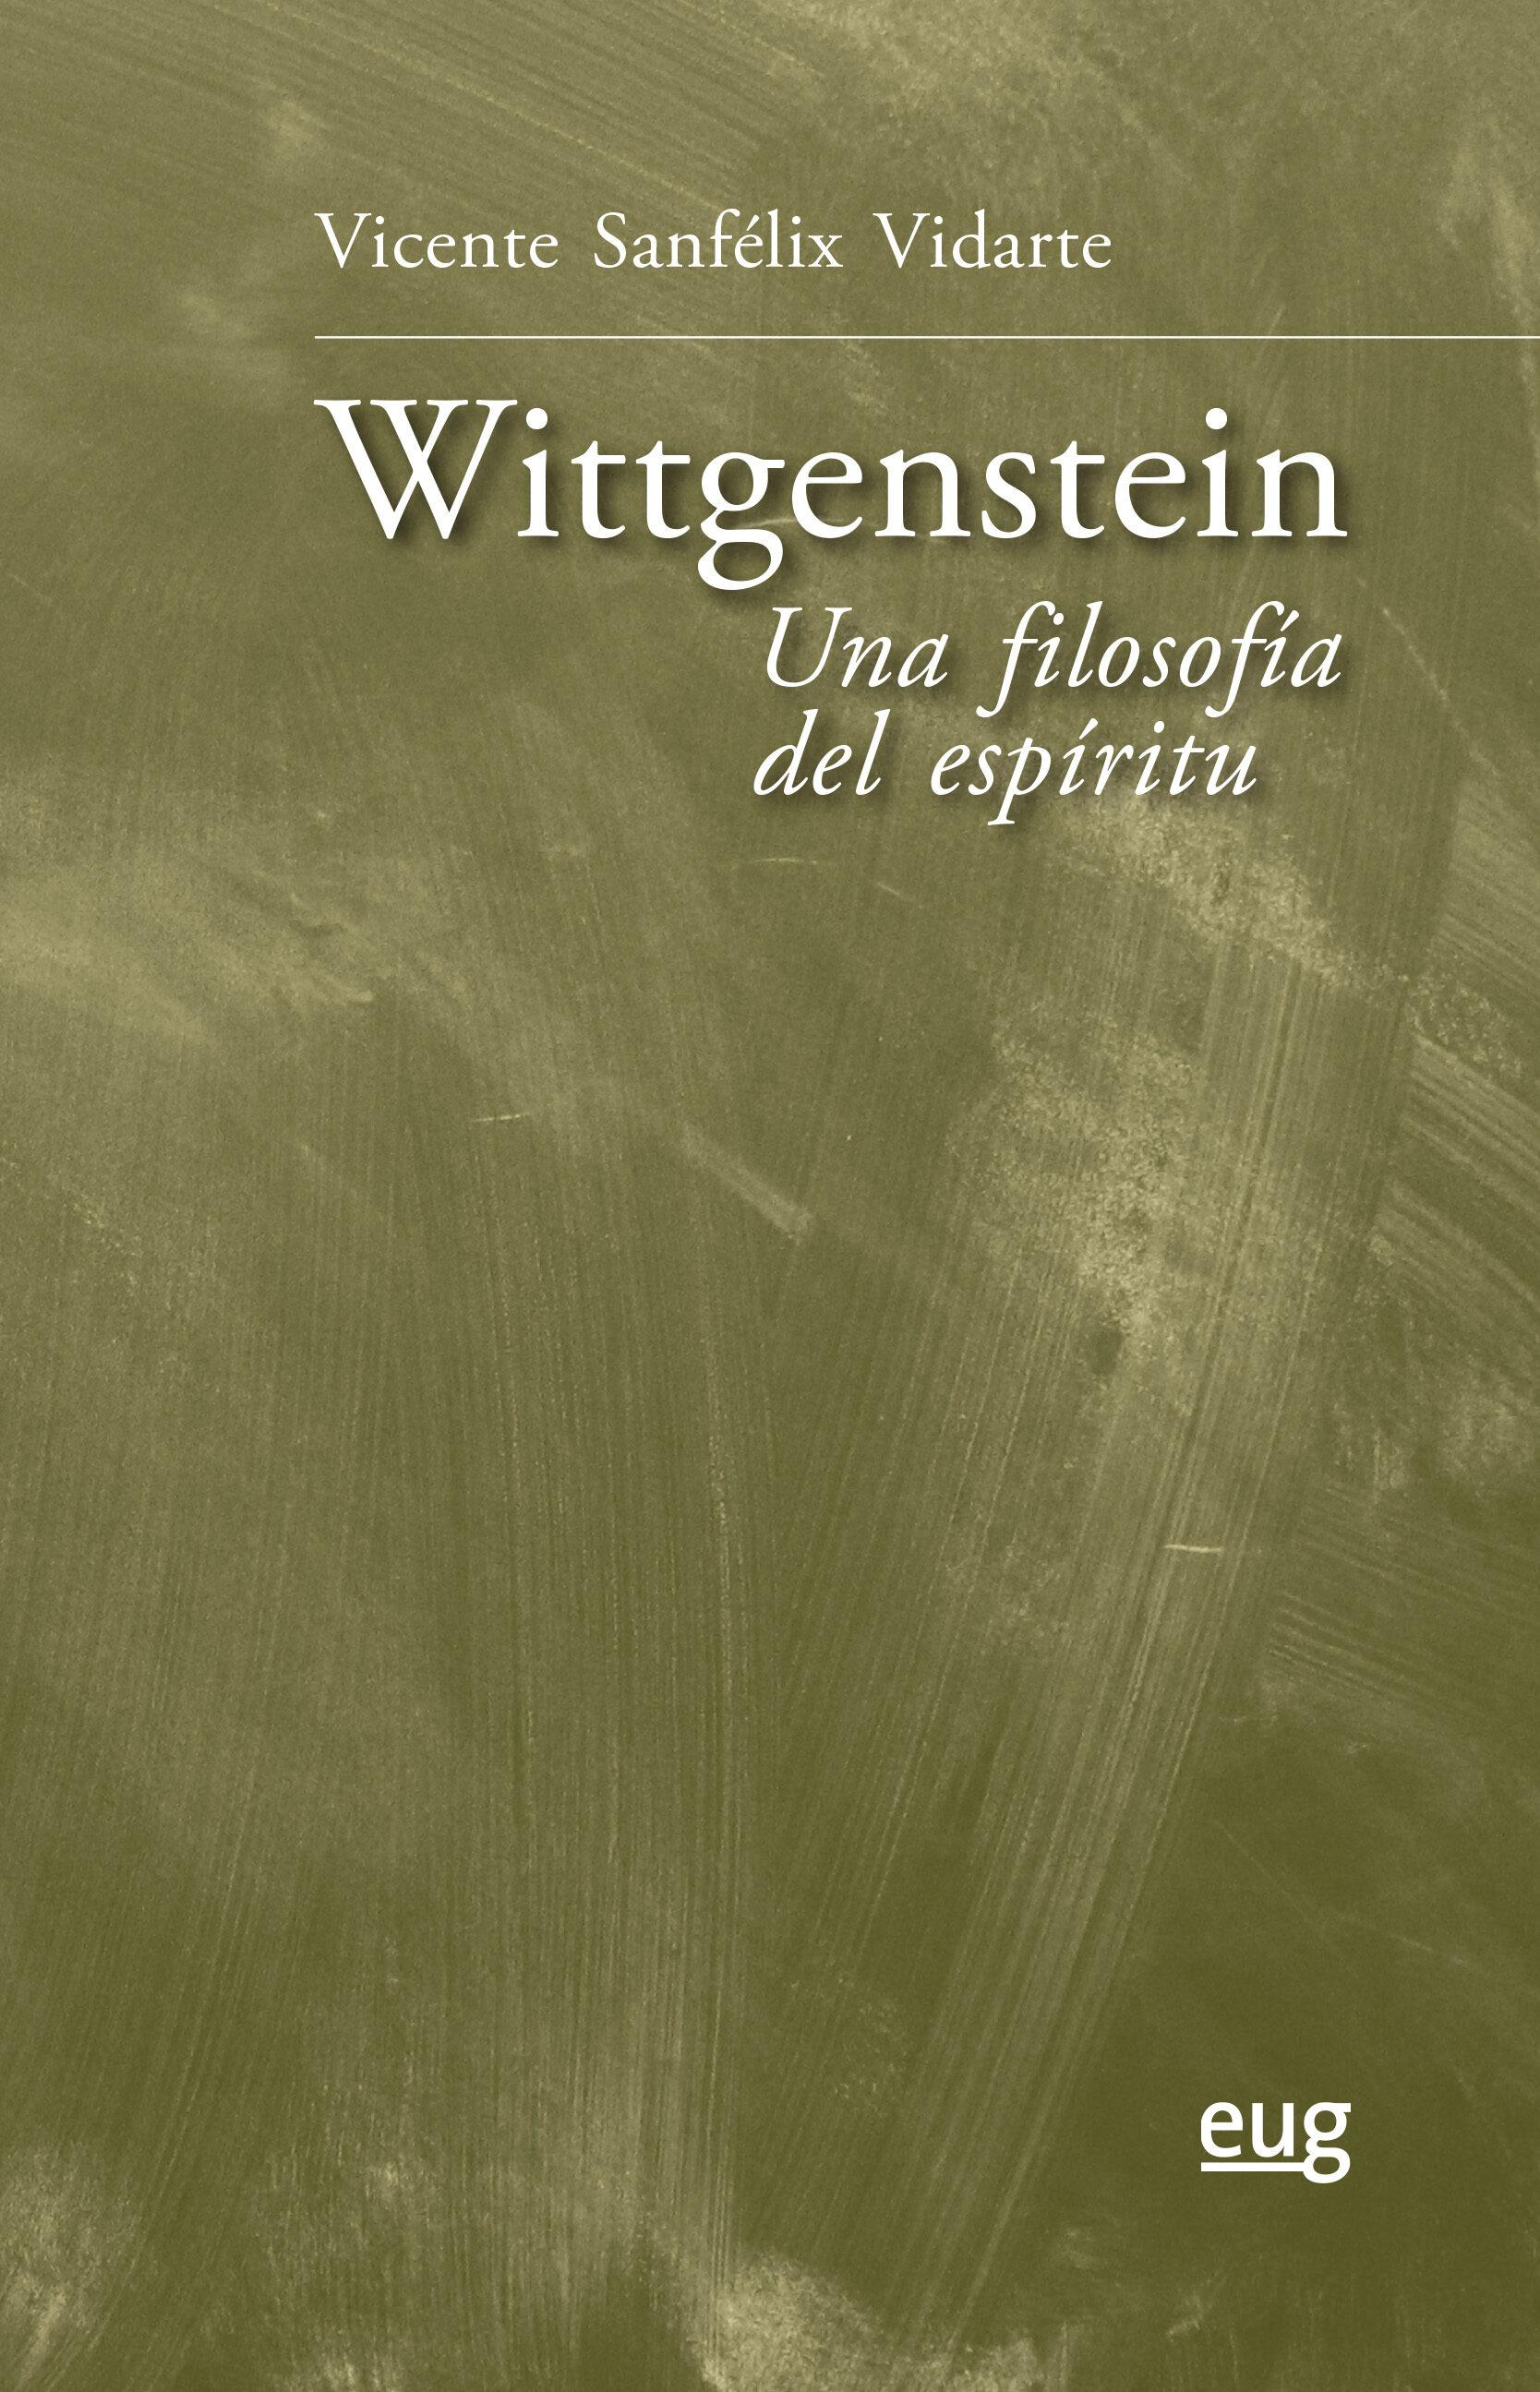 Wittgenstein: Una Filosofía Del Espíritu - Sanfelix Vidarte Vicente